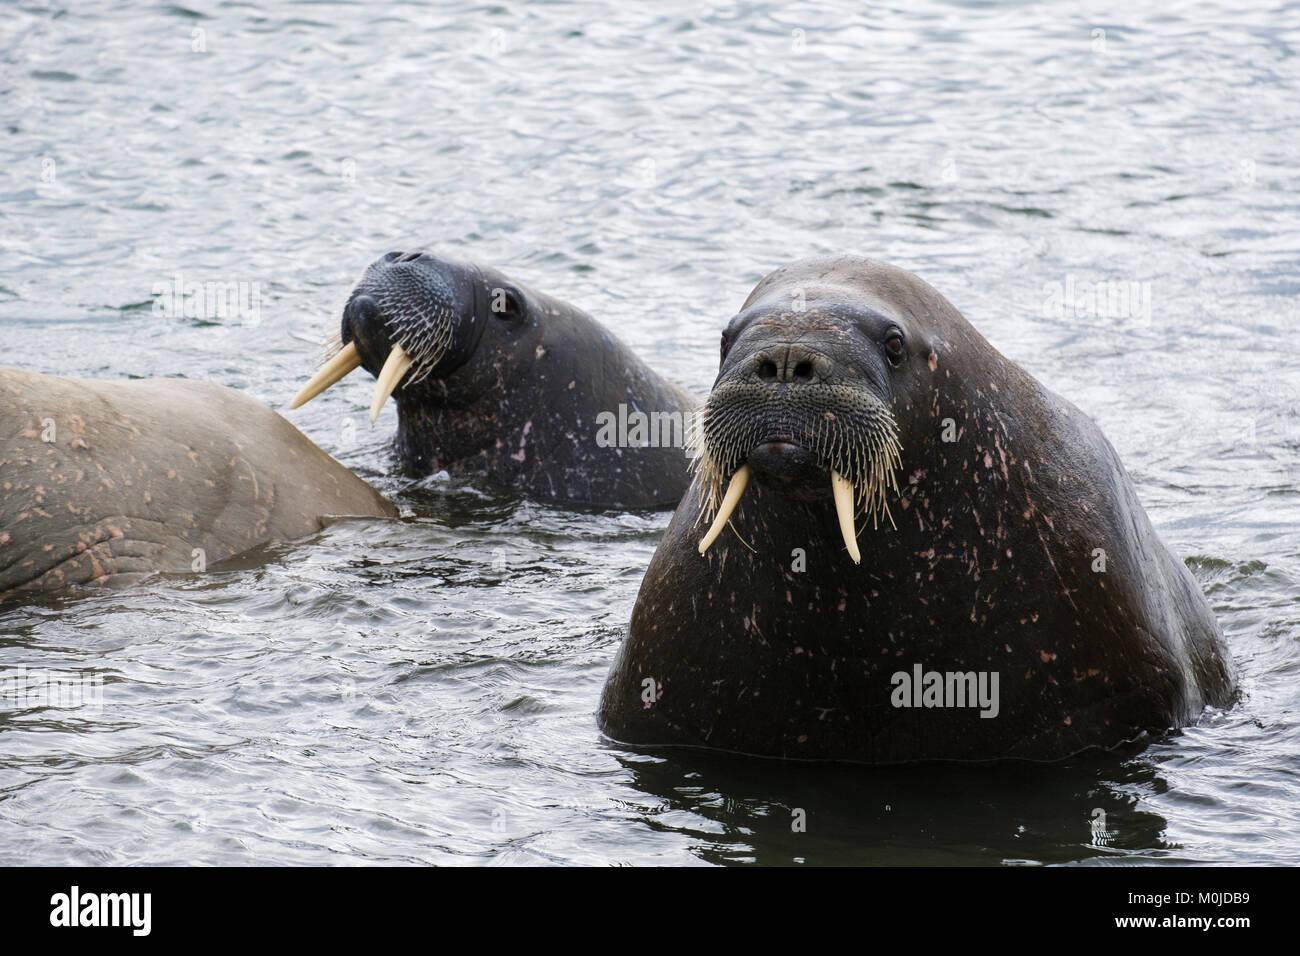 Des profils des morses (Odobenus rosmarus) nager au large dans la mer sur la côte de l'Arctique en été Photo Stock